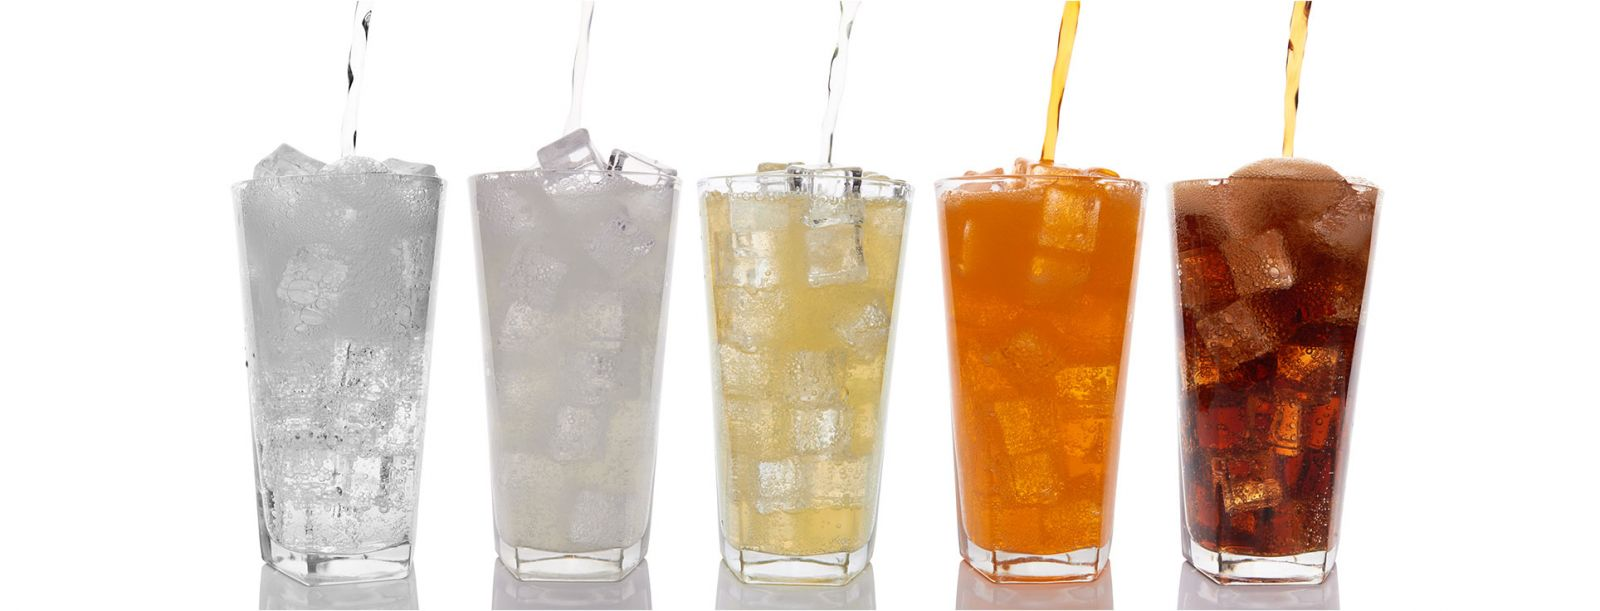 سوداساز کلایموکس KLIMOX Soda maker